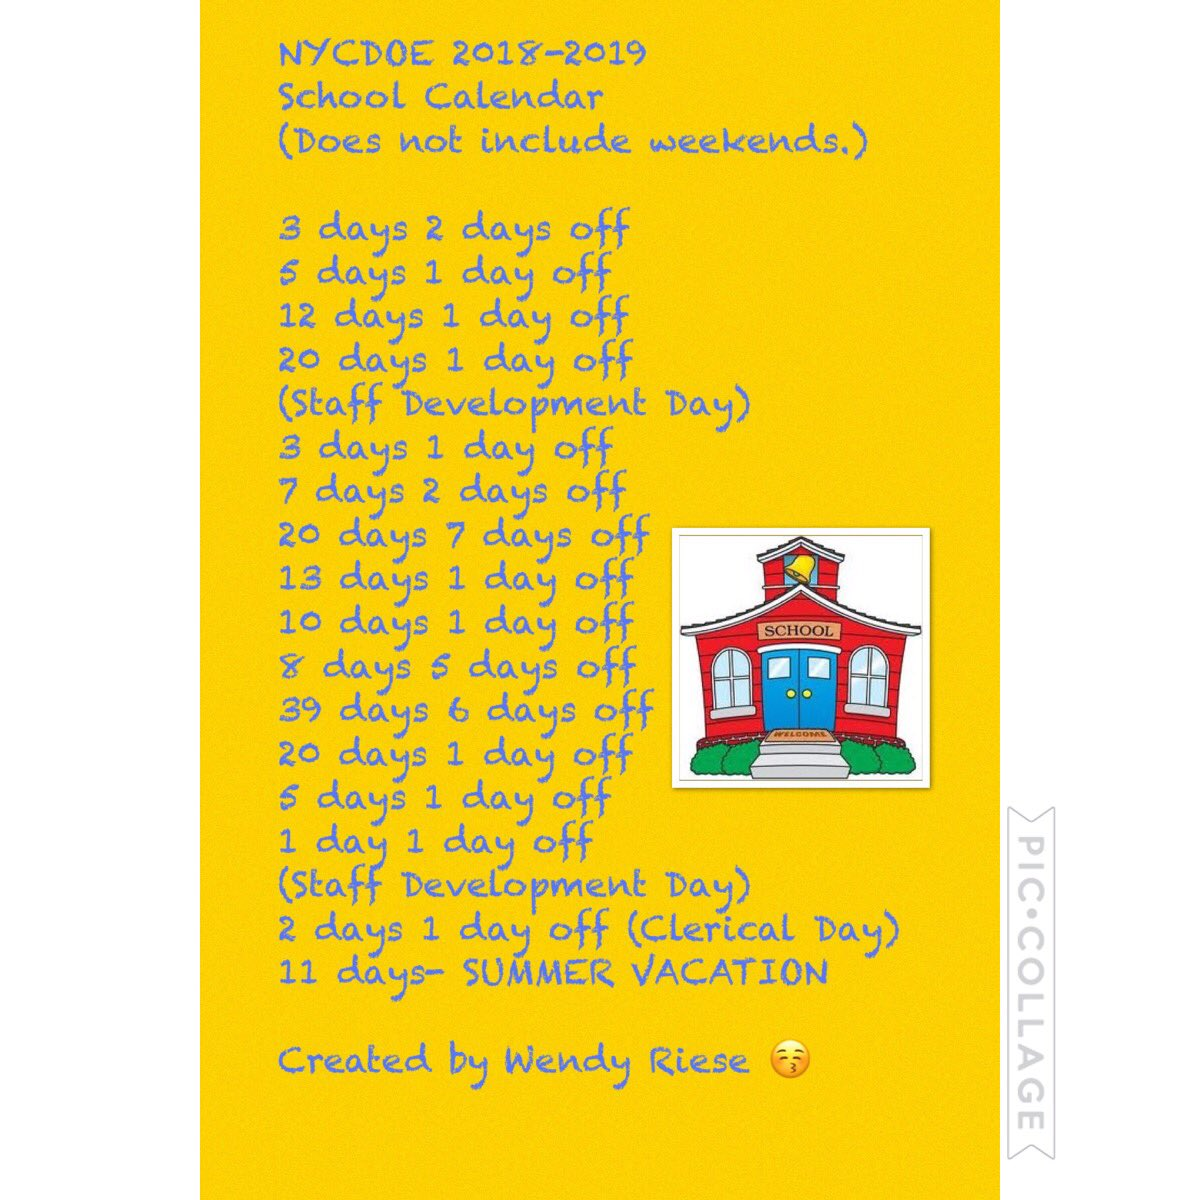 Nycdoe 2014-2019 Calendar Media Tweets by Wendy Riese (@wenrie24) | Twitter